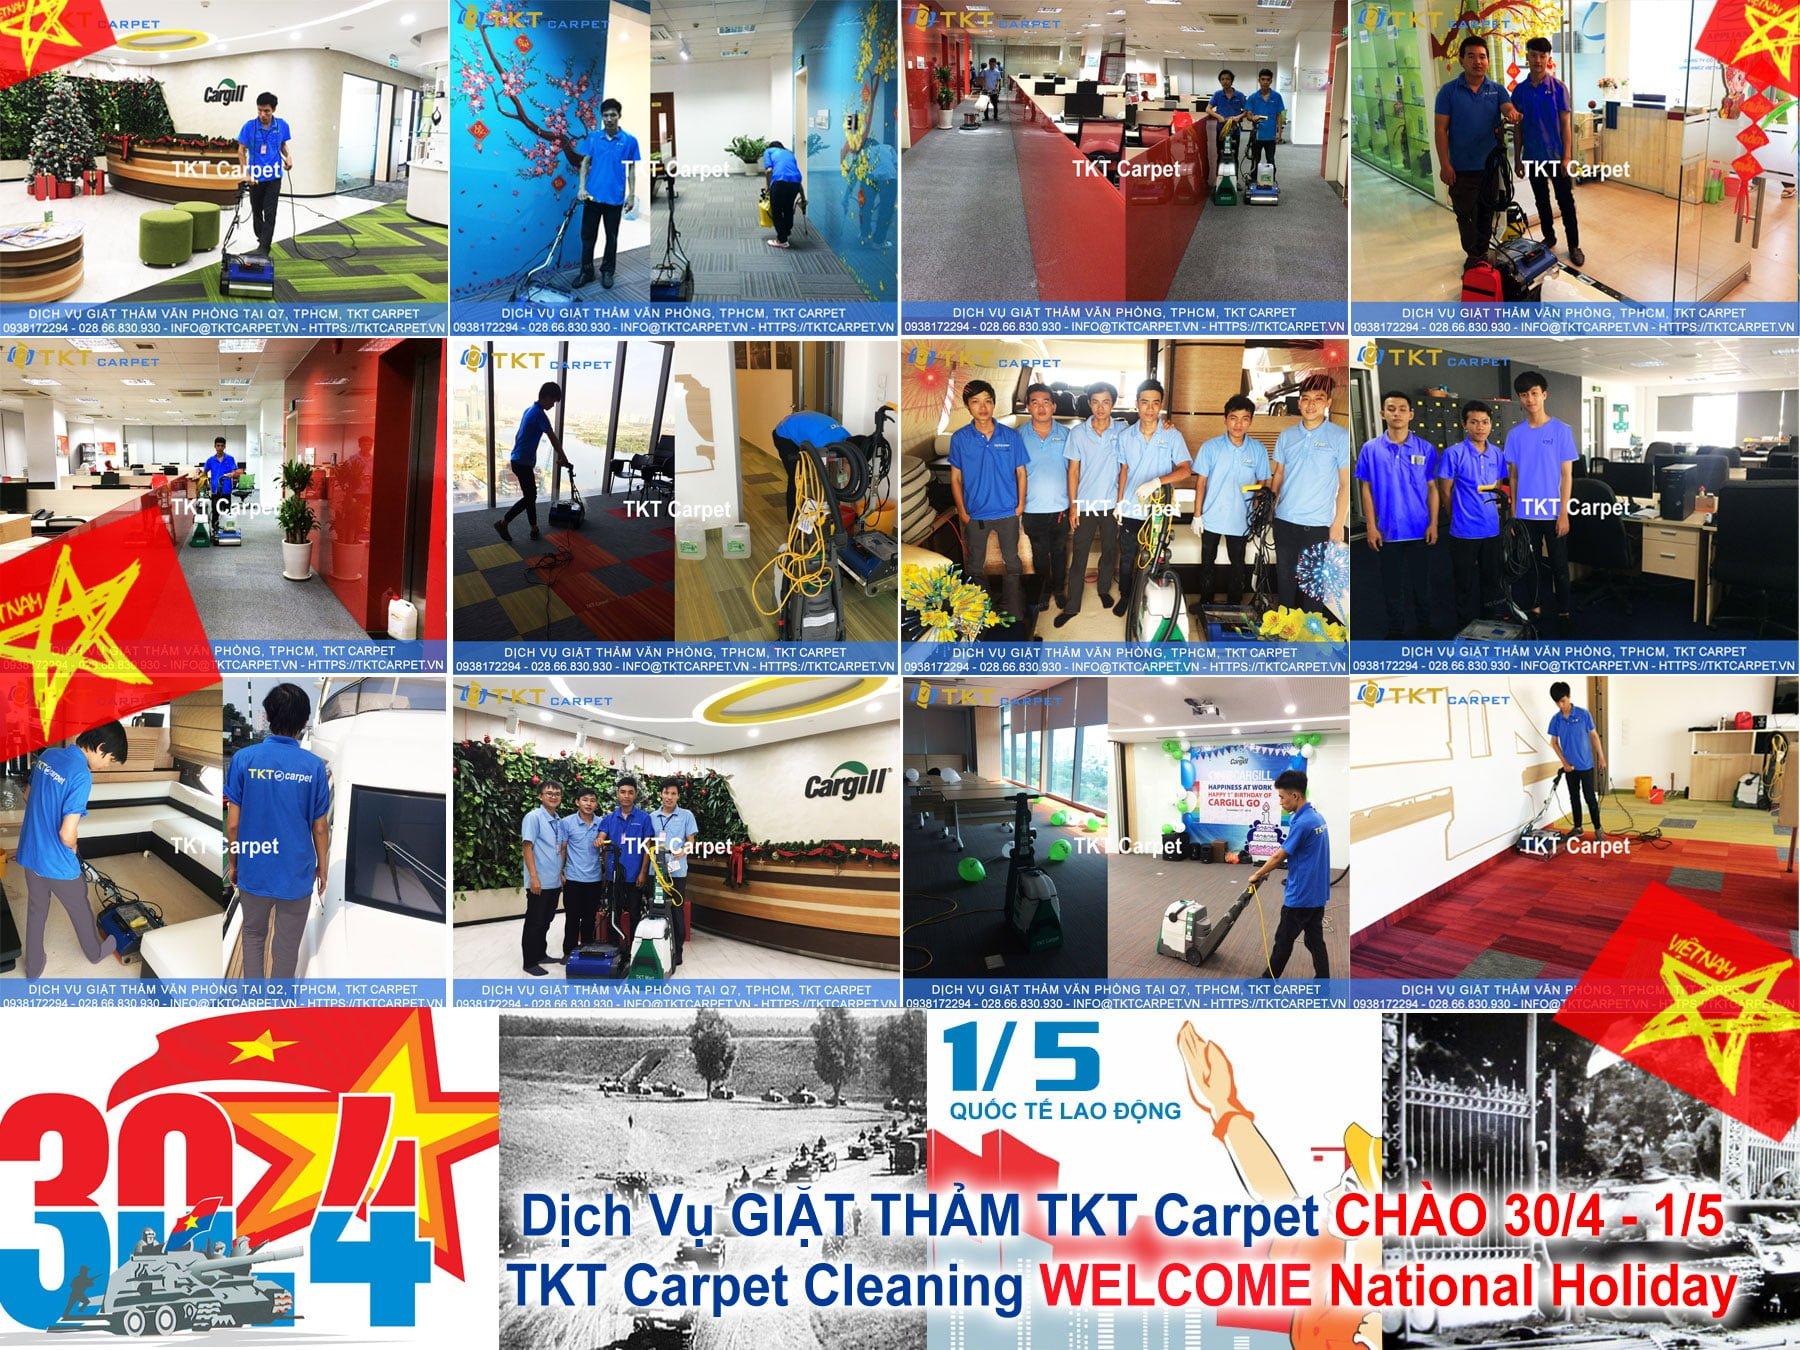 dịch vụ giặt thảm TKT Carpet khuyến mãi 30/4 và 1/5 tri ân khách hàng